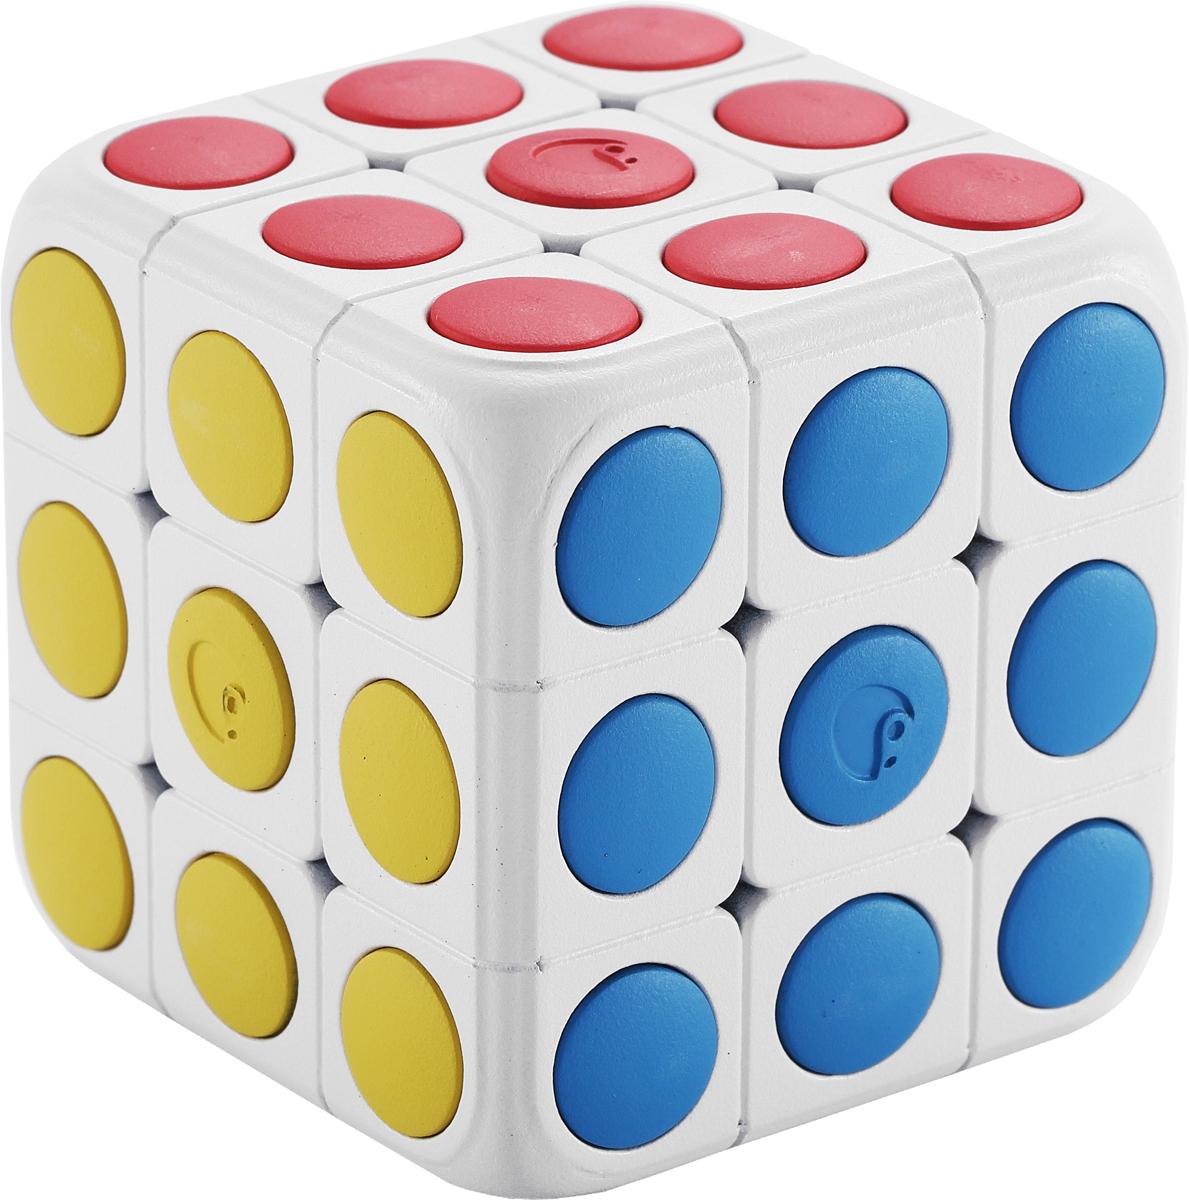 Roobo Головоломка Cube Tastic игры для приставки руль с педалями скачать бесплатно